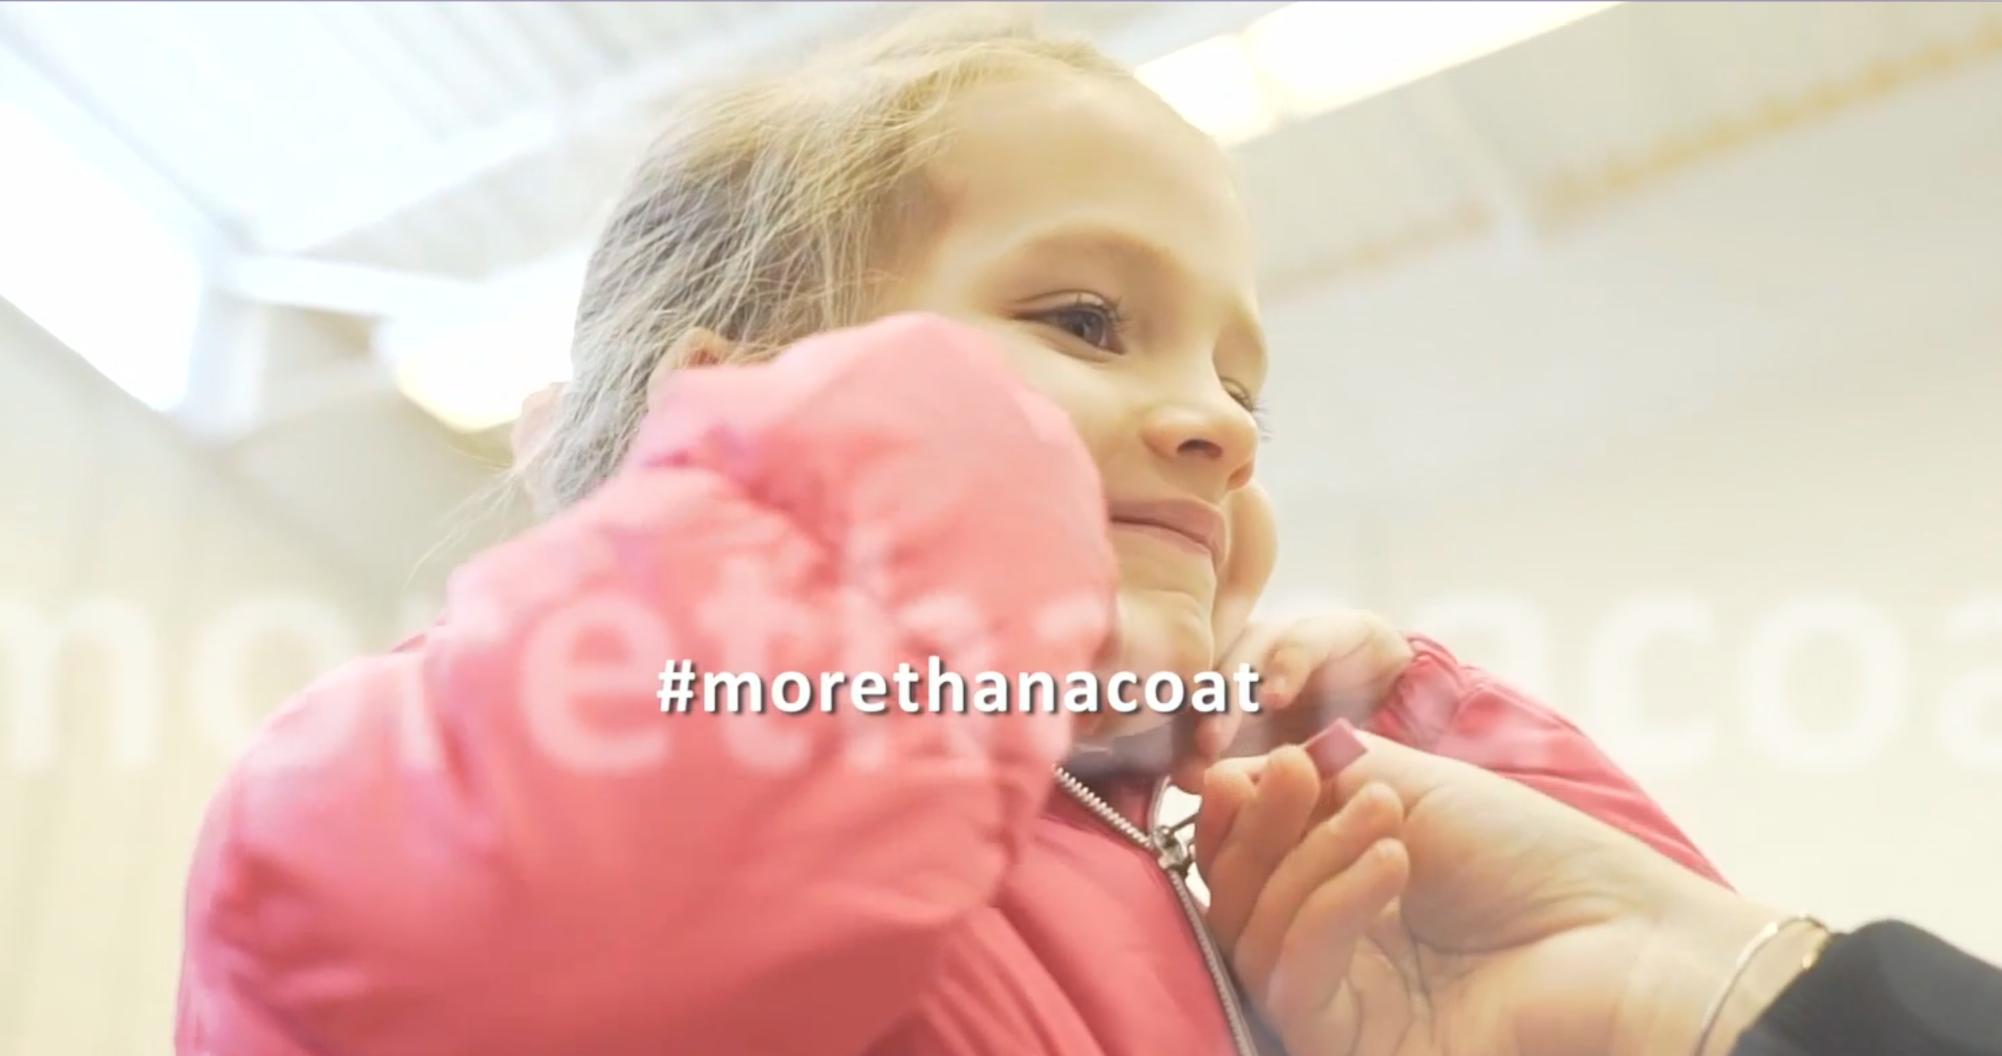 #morethanacoat